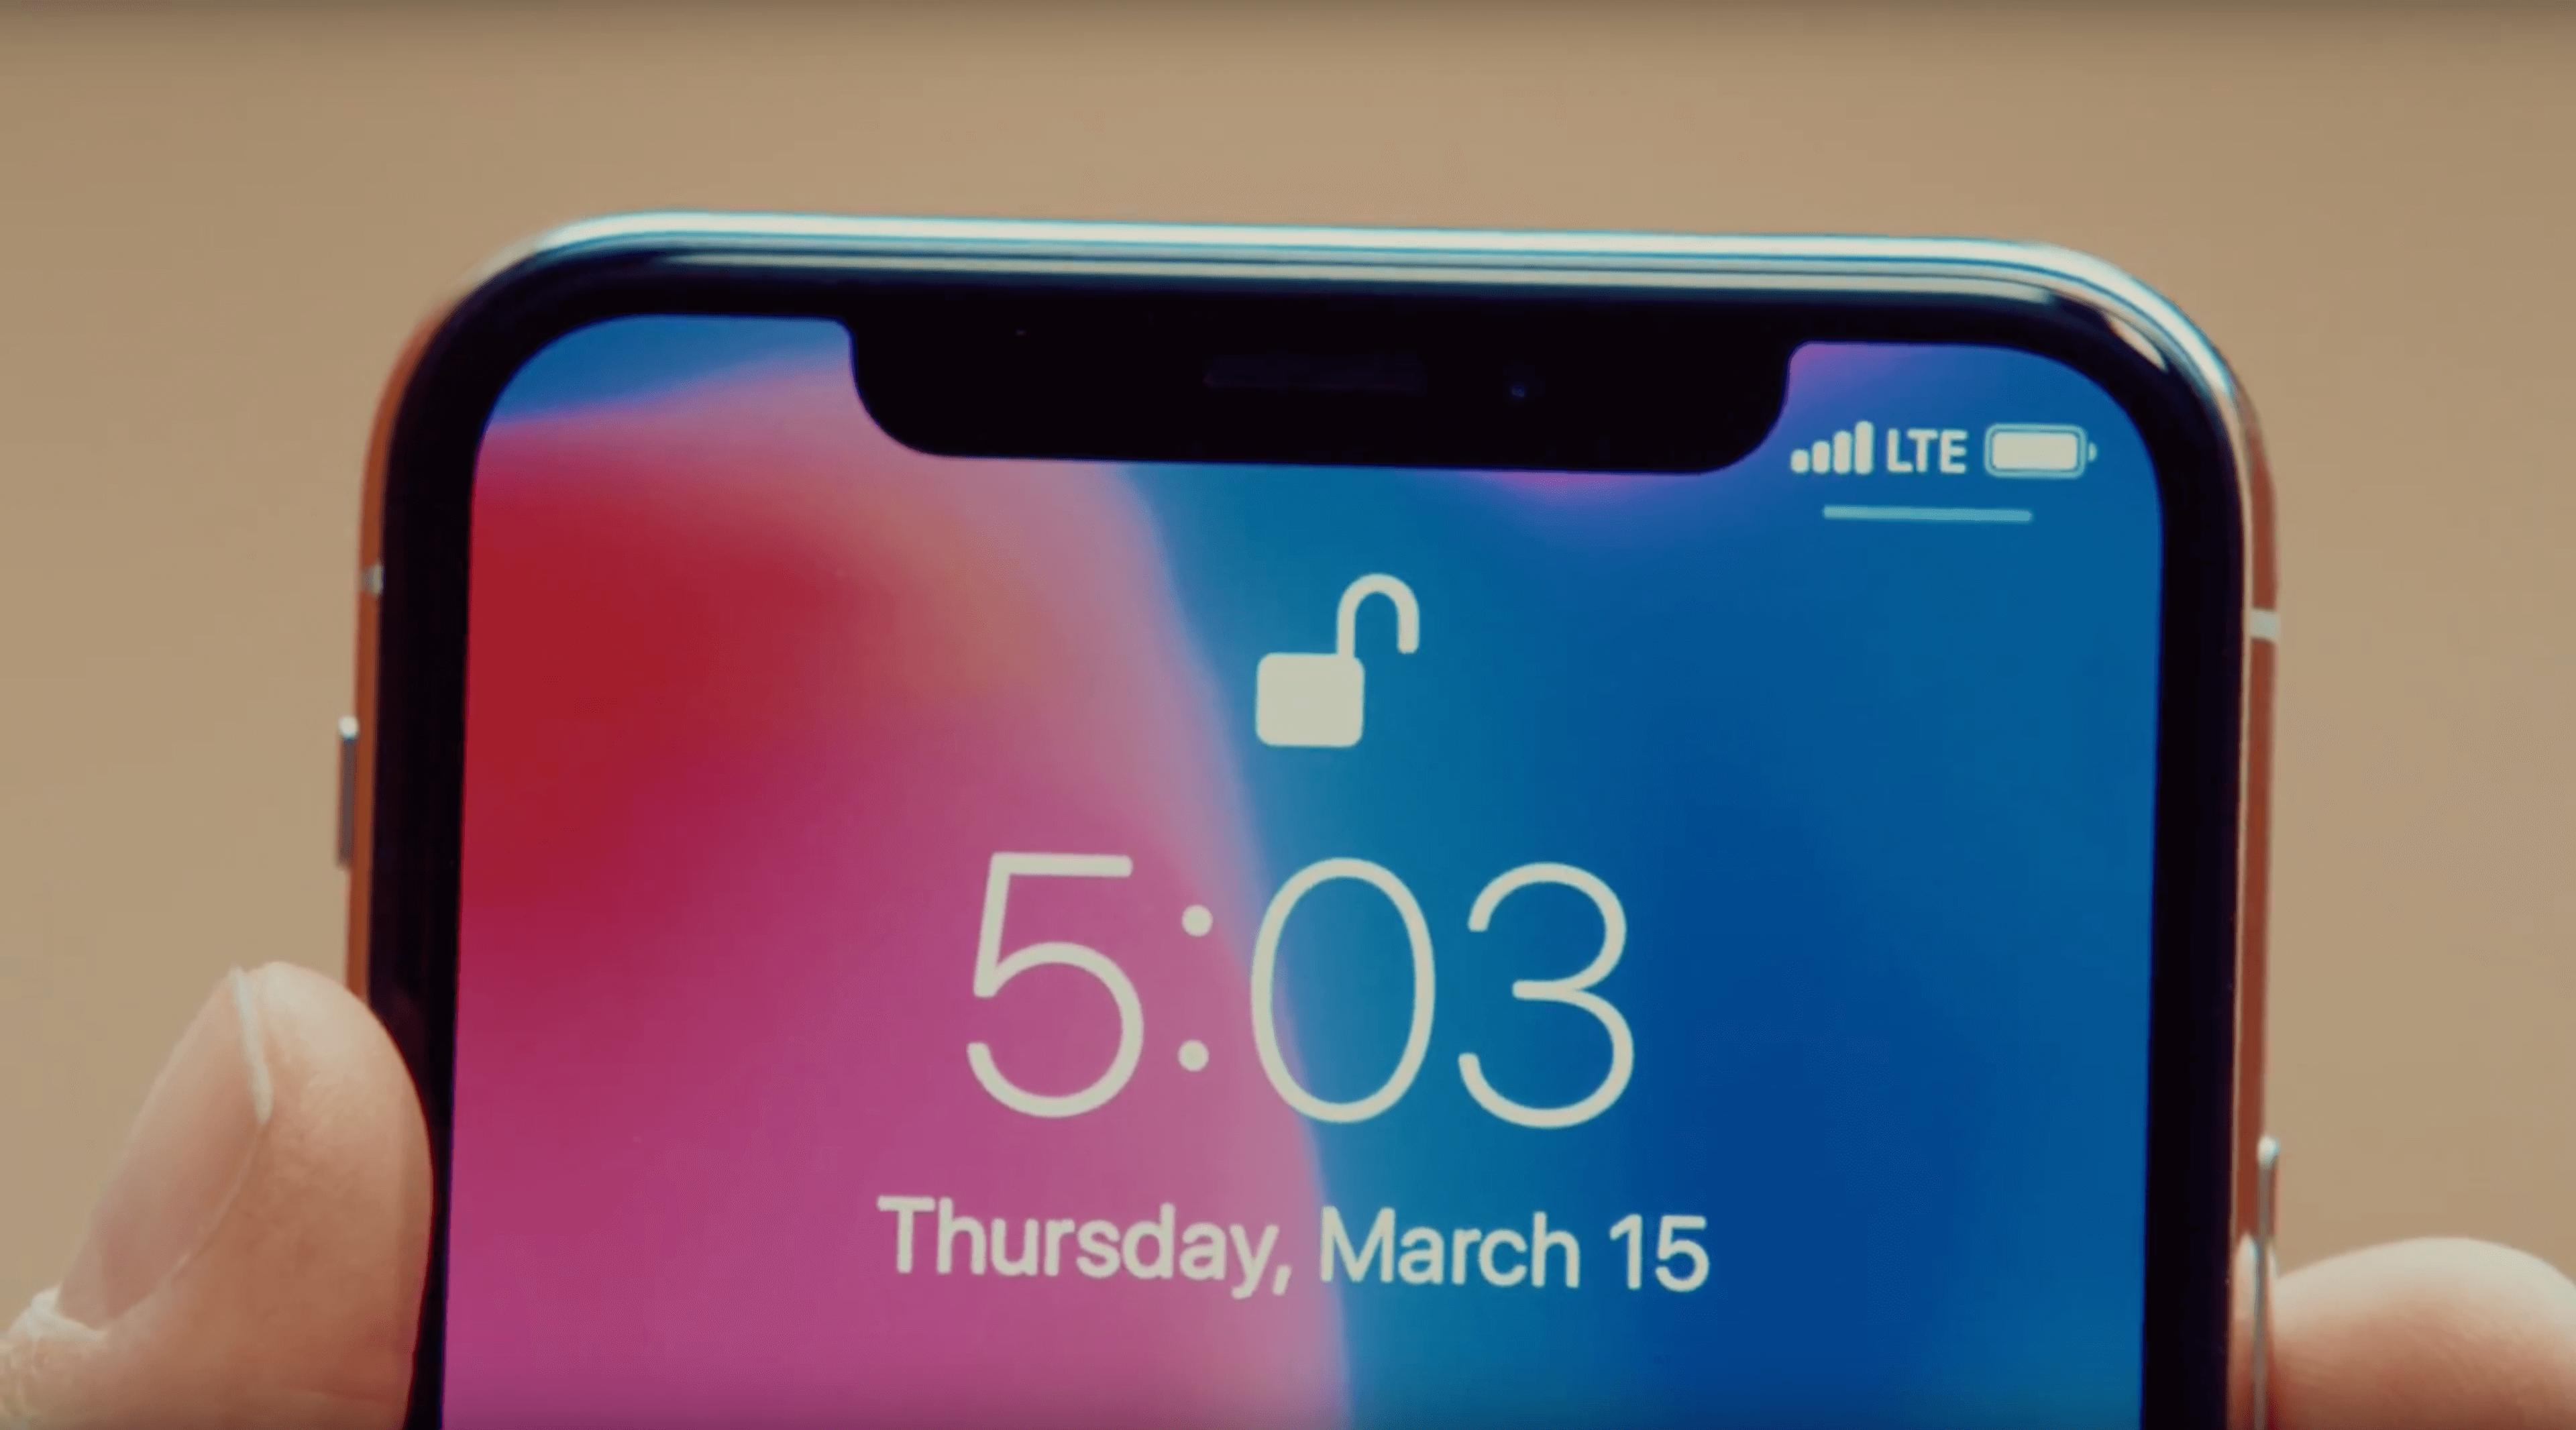 Надежный докладчик предполагает, что Touch ID под дисплеем появится на iPhone